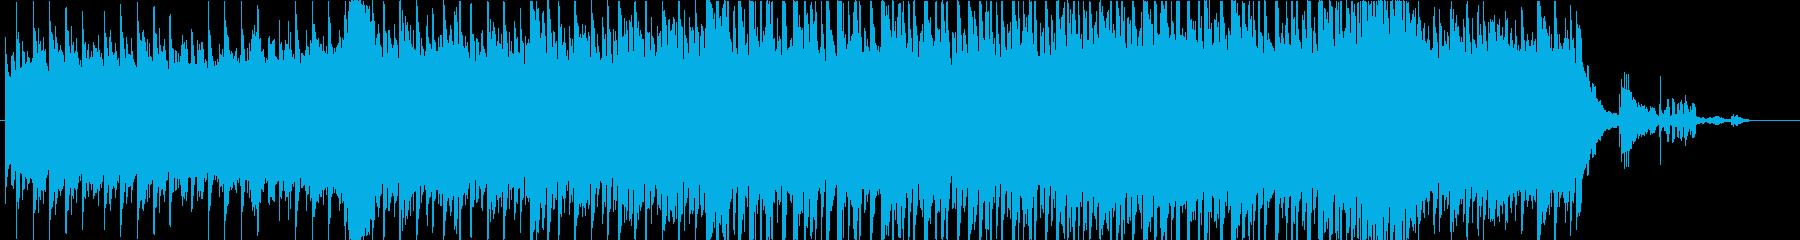 森で聞きたいわくわくするハープメインの曲の再生済みの波形